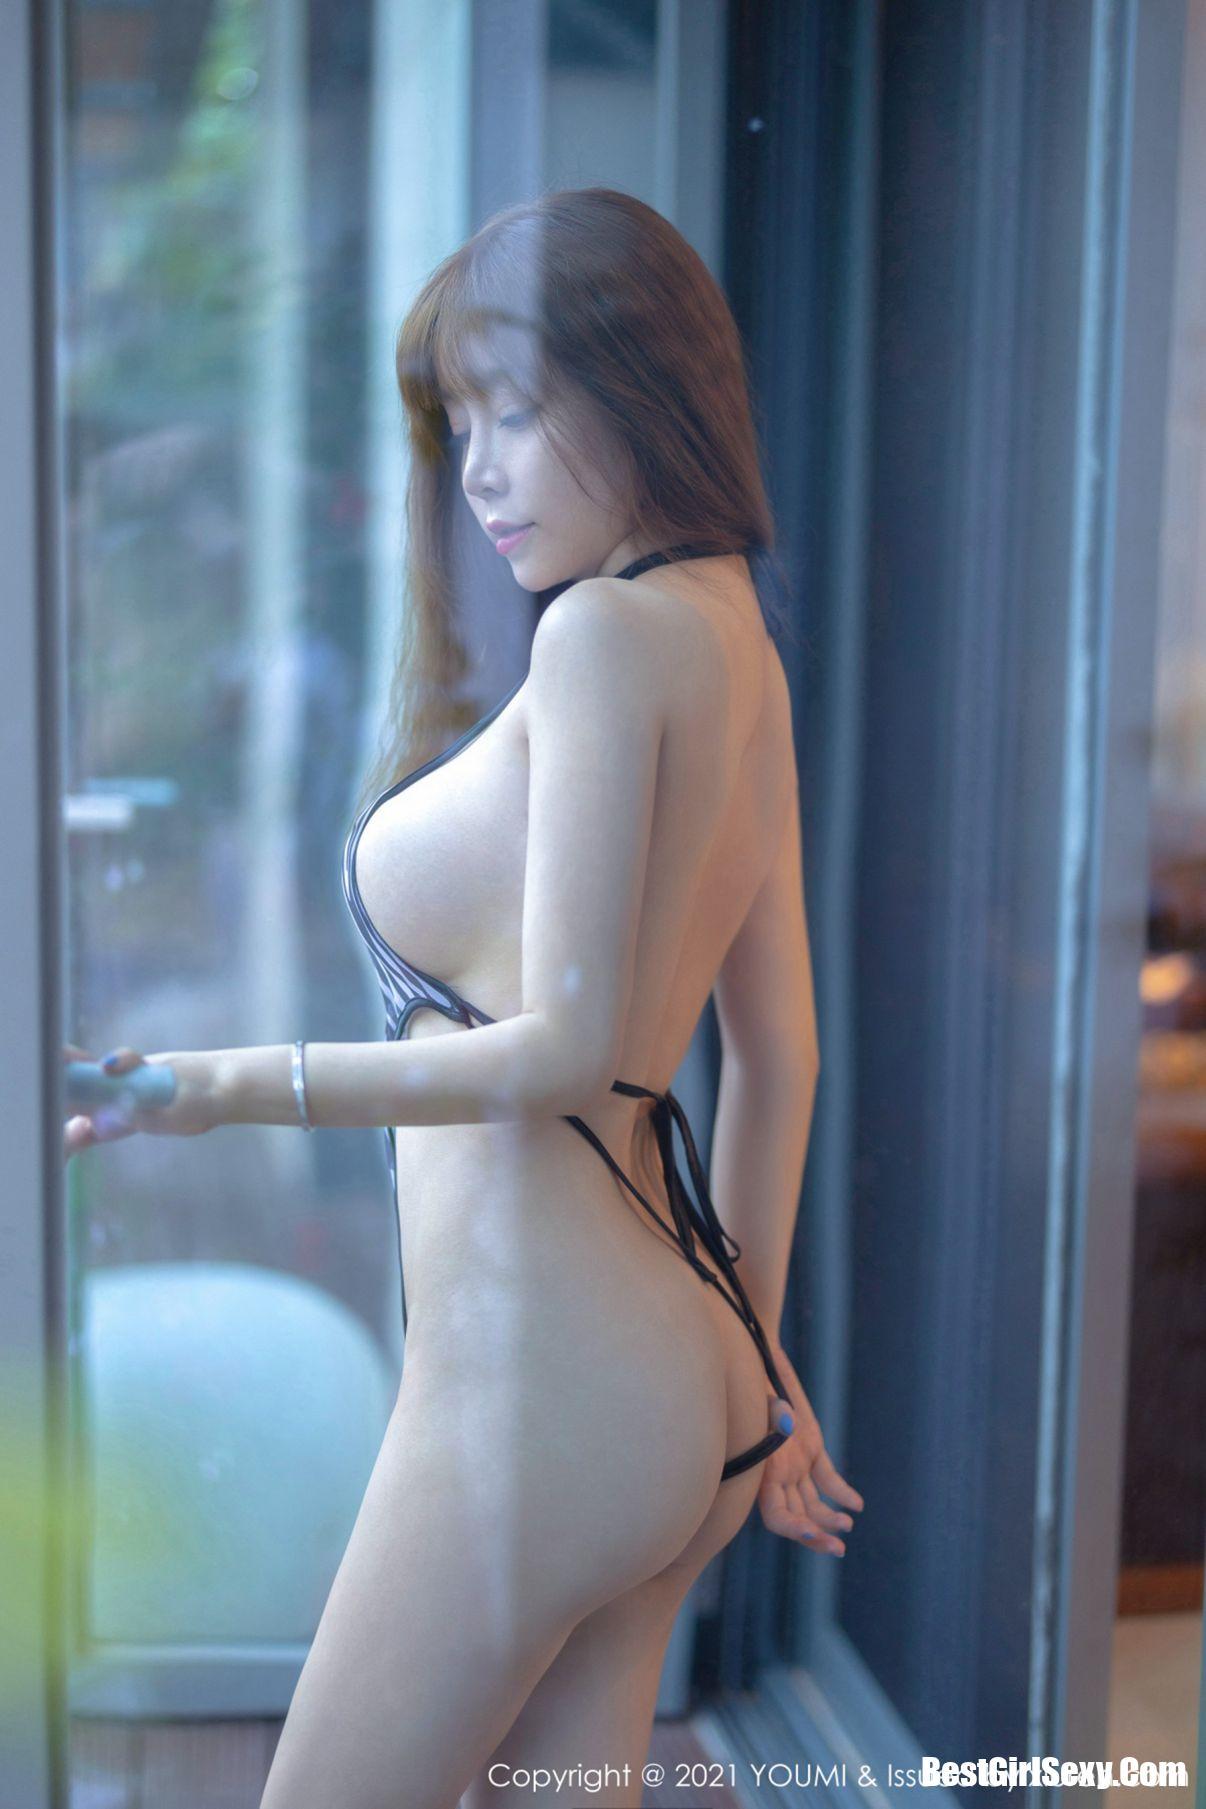 王雨纯, YouMi尤蜜荟 Vol.644 Wang Yu Chun, YouMi尤蜜荟 Vol.644, Wang Yu Chun